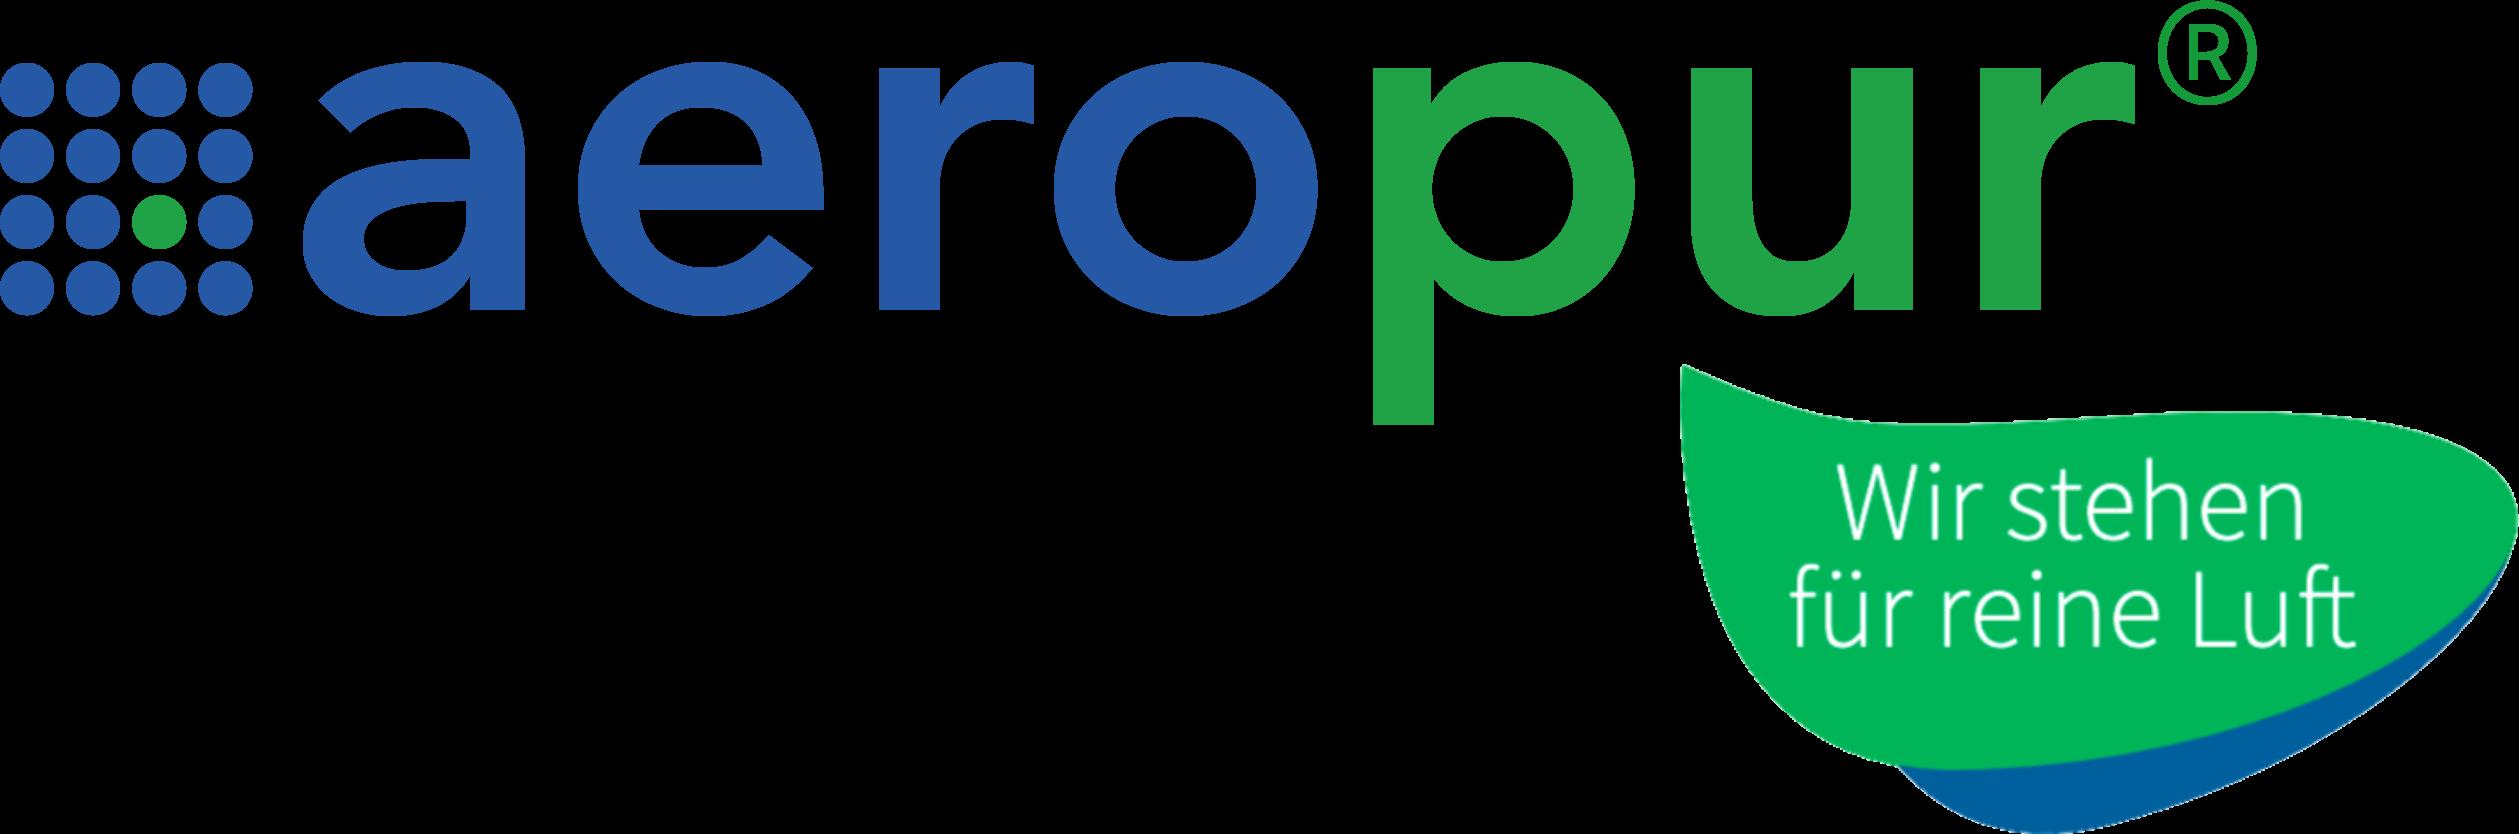 aeropur GmbH - Wir stehen für reine Luft